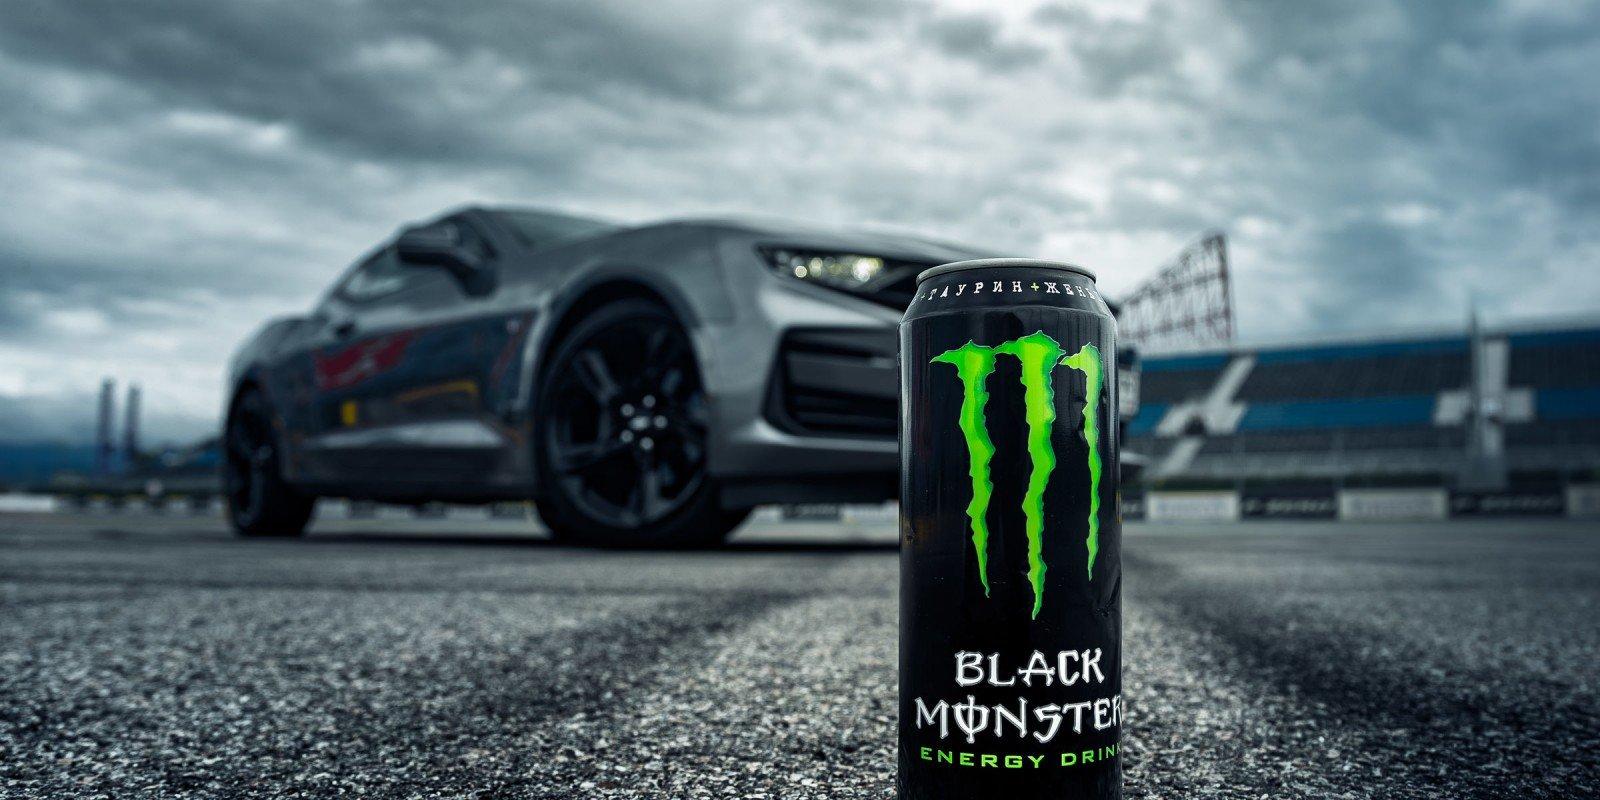 Black Monster открыл сезон охоты на Chevrolet Camaro